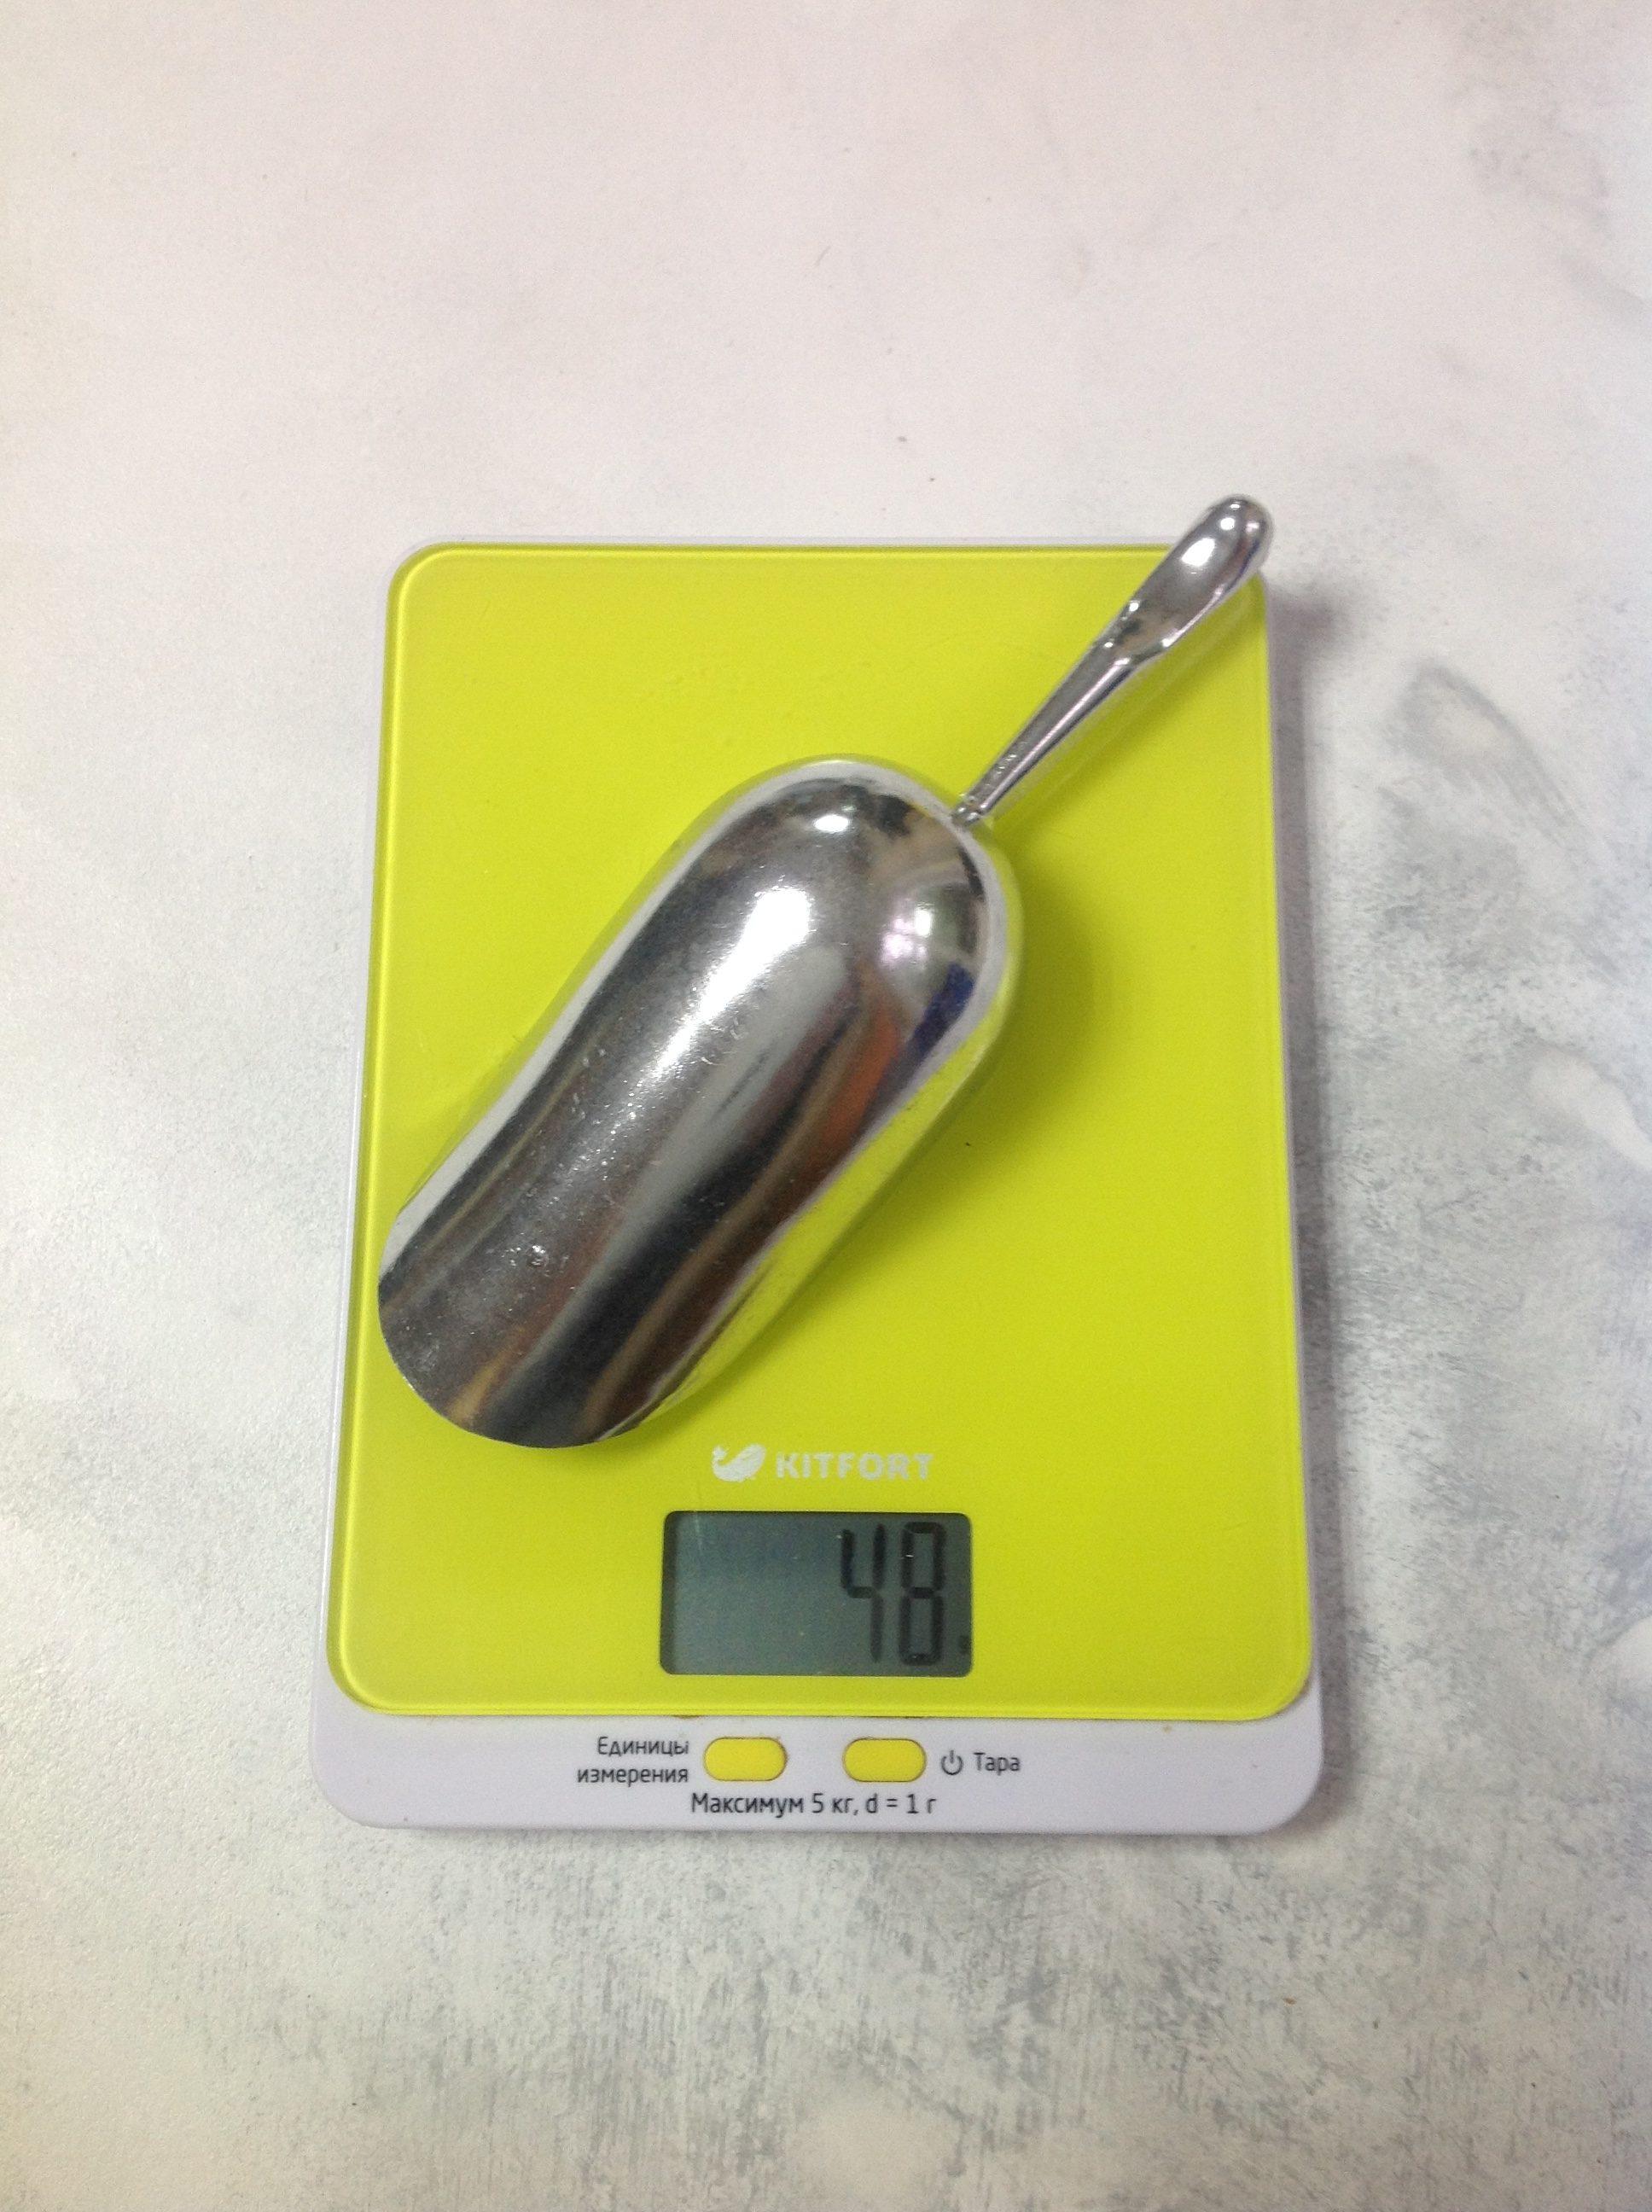 вес алюминиевого совочка среднего